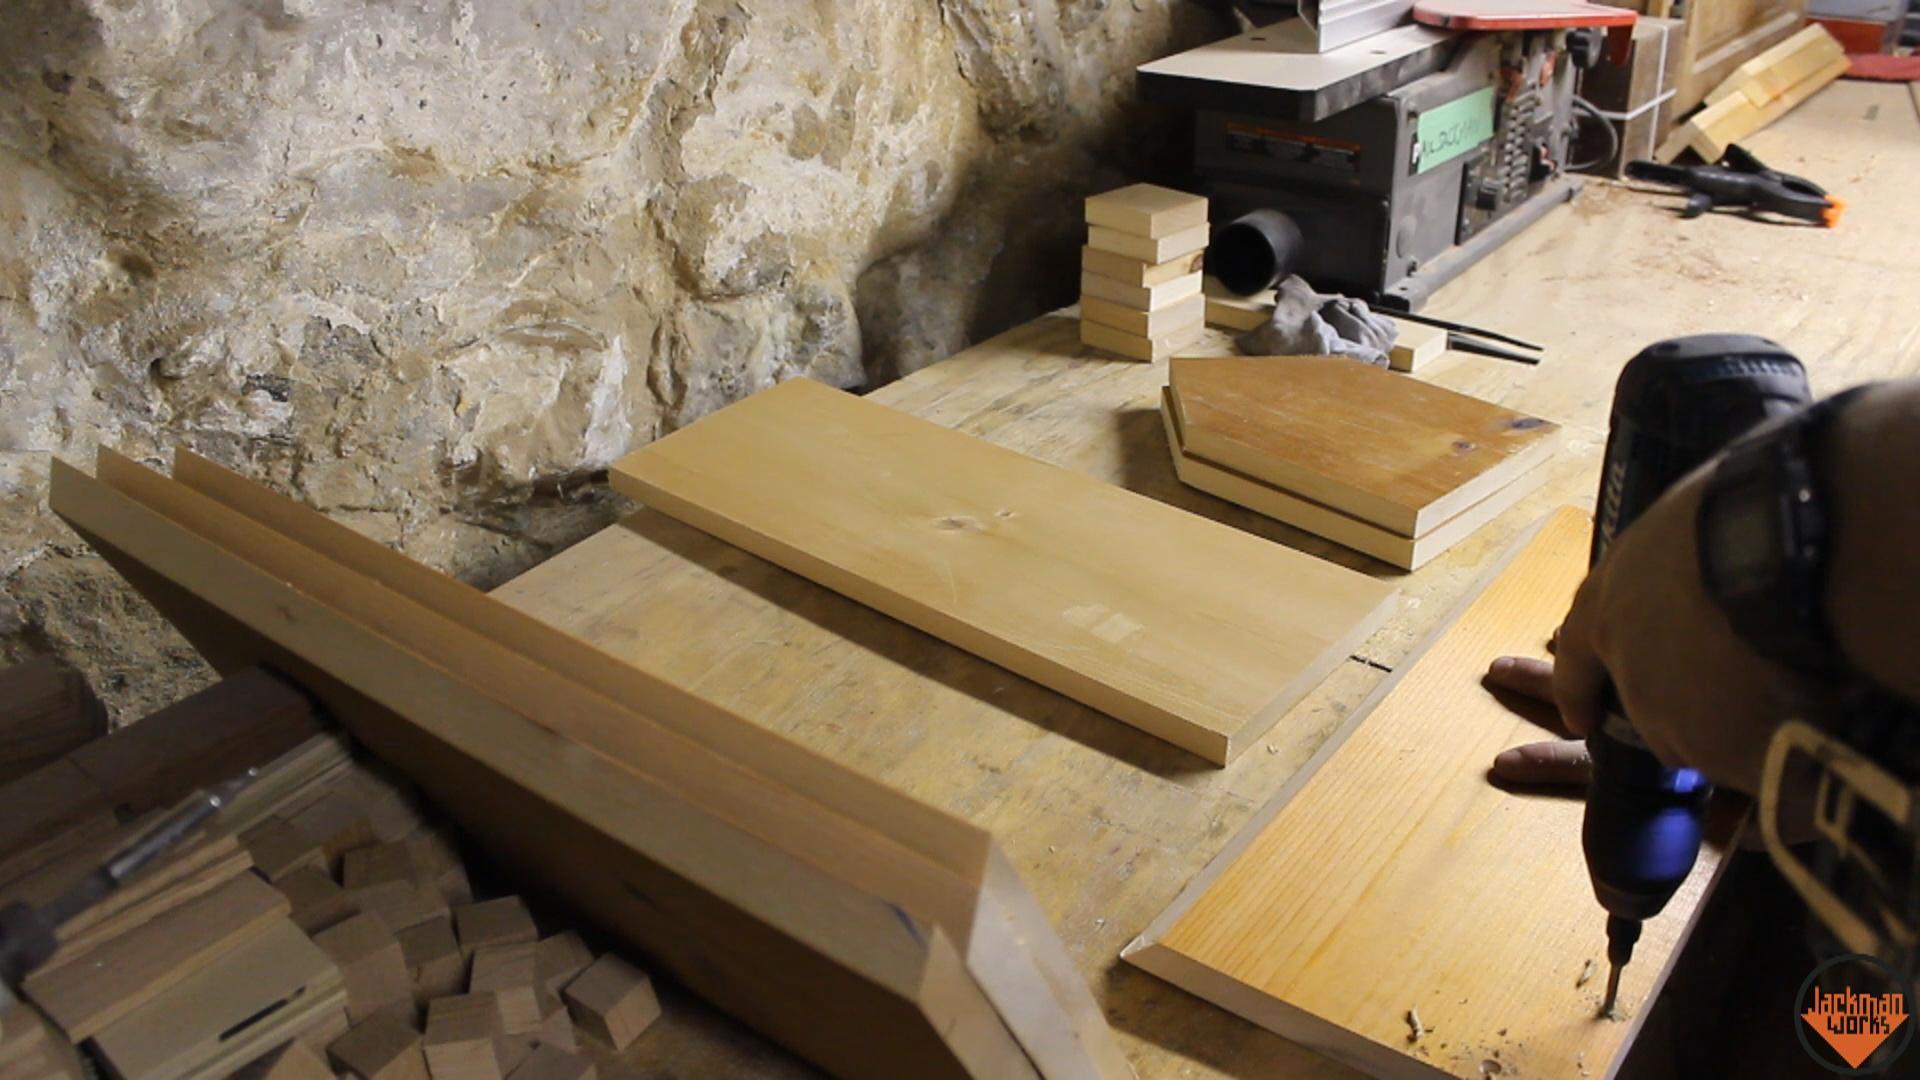 Wood mailbox 6 jackman works jackmanjackman worksjackman carpentrycarpentrywoodworkingwooddiydo it yourselfbuildingmakingdesignupcycledrecycledreclaimedhow to make a solutioingenieria Images